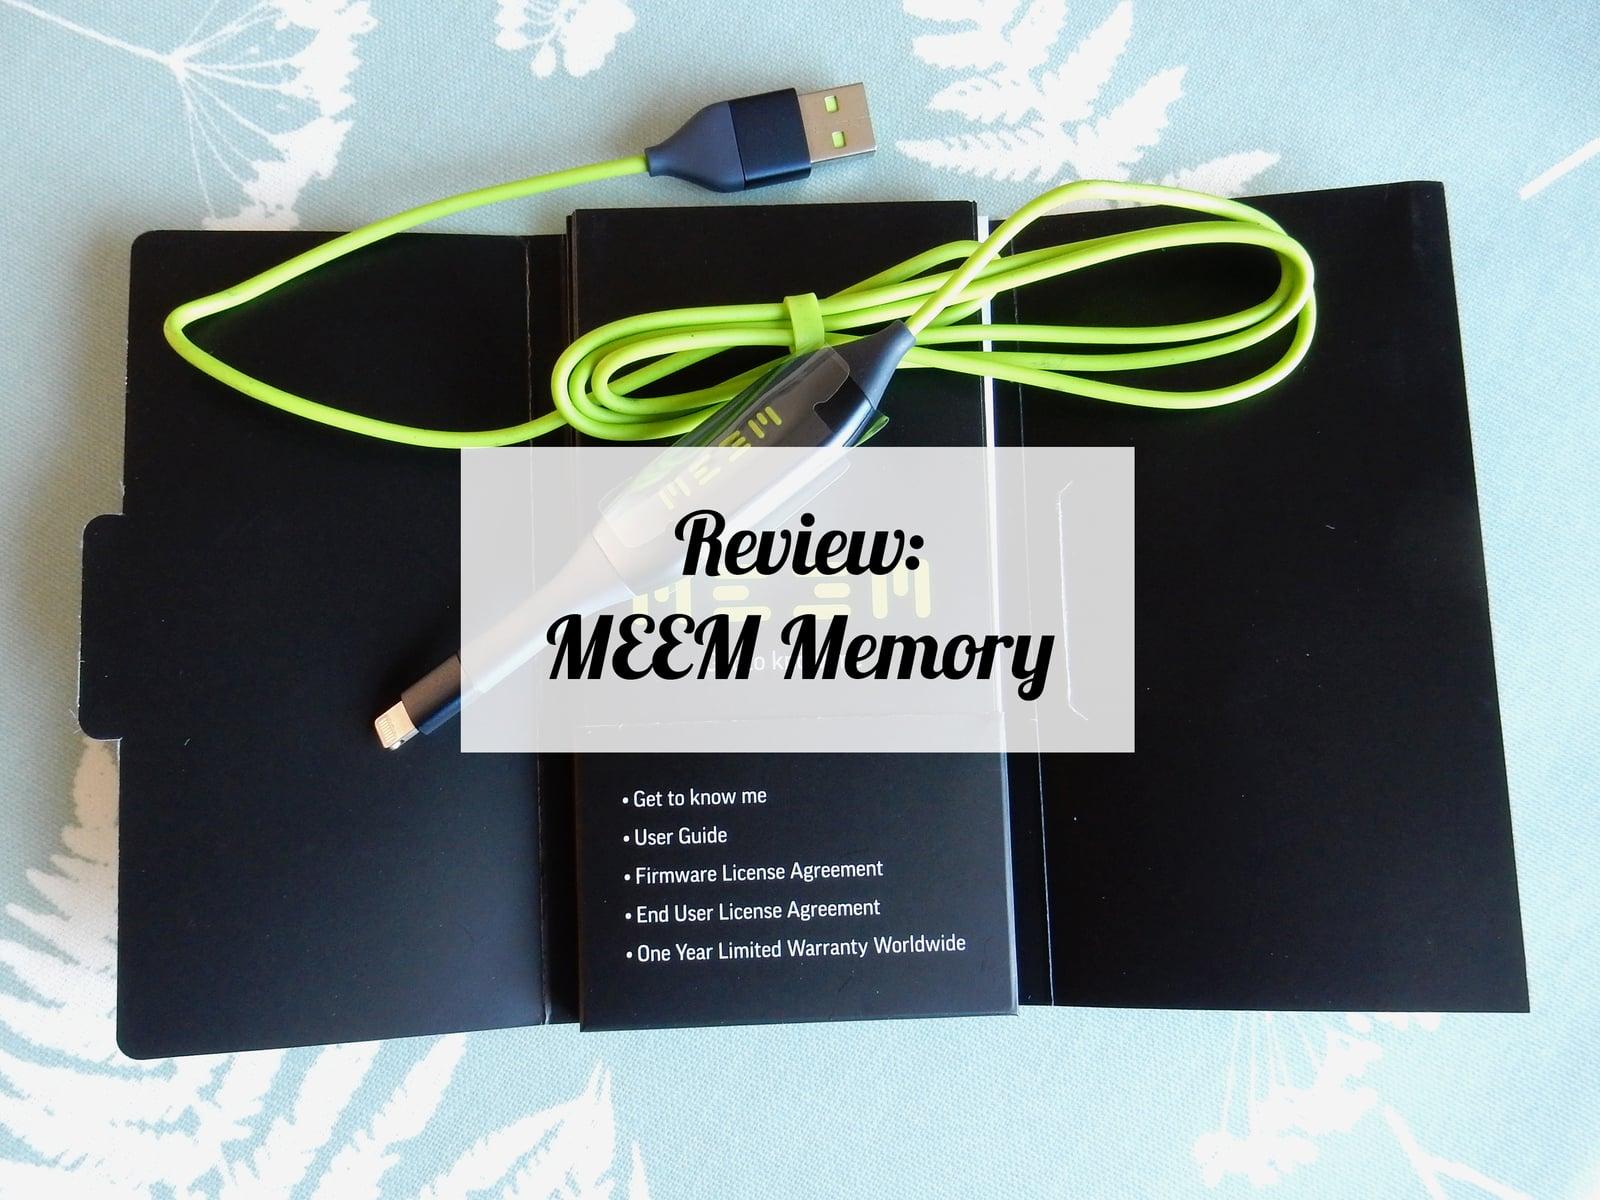 meem-memory-review